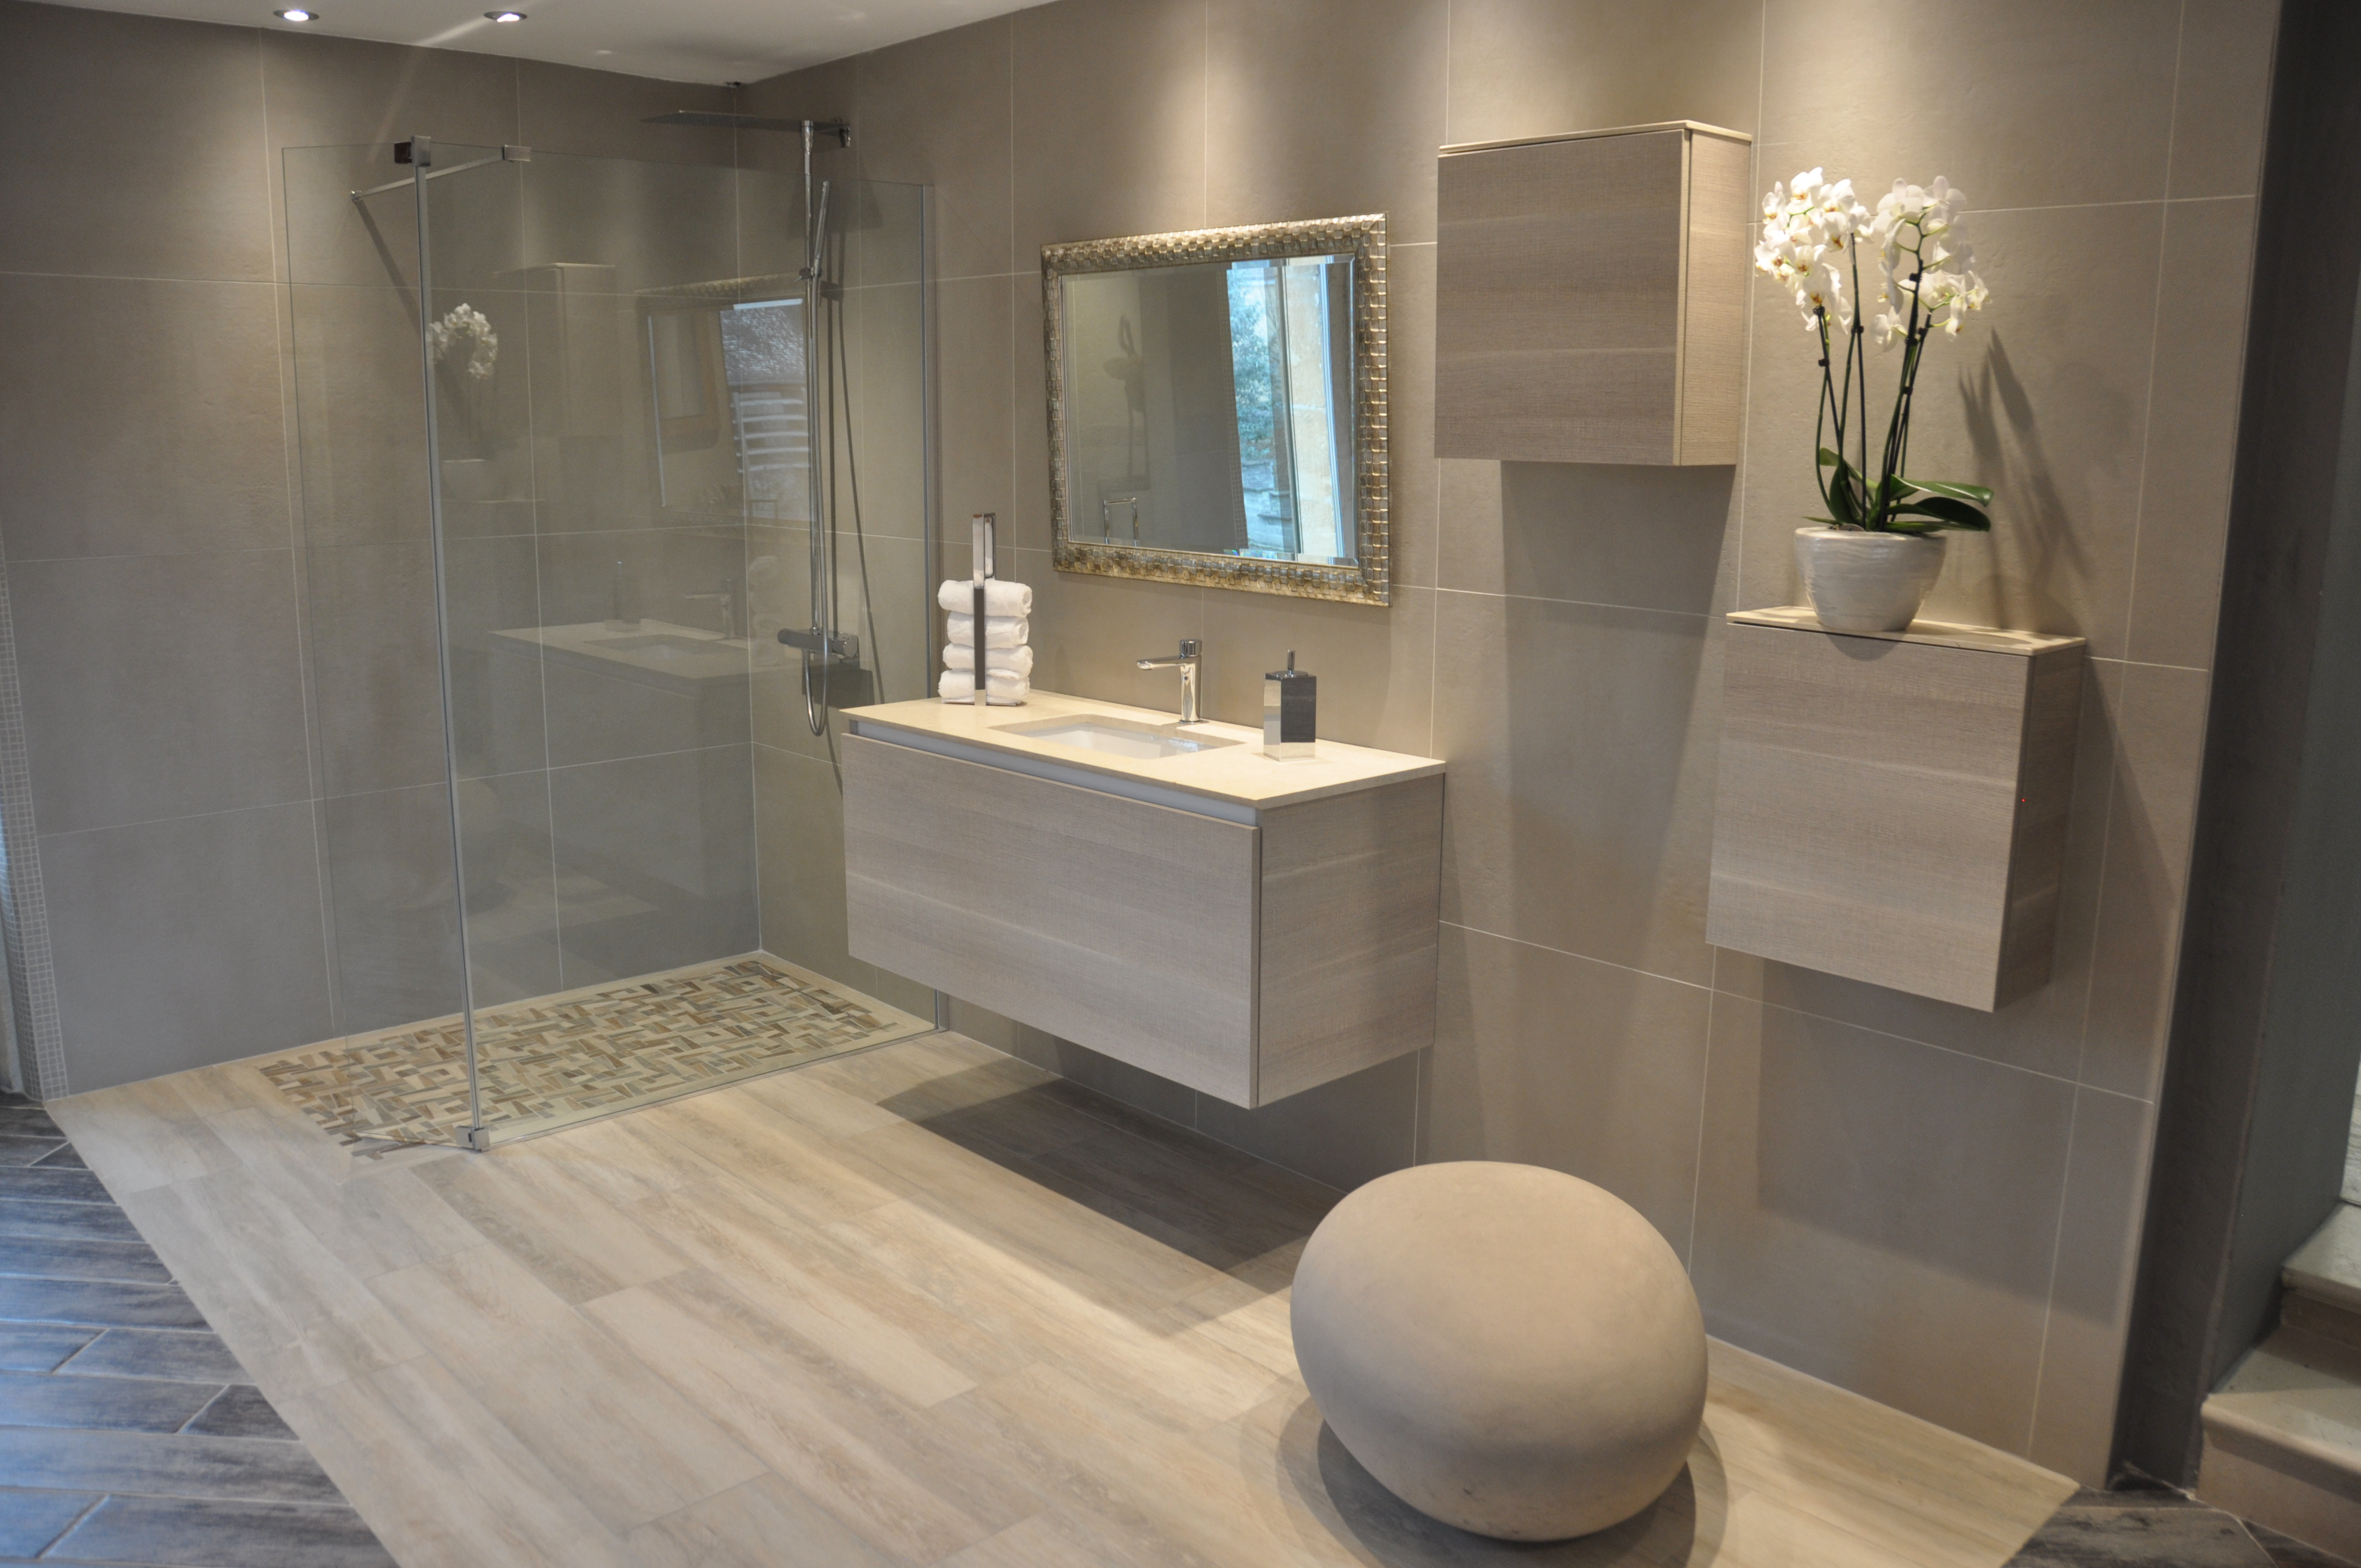 salle de bain avec douche italienne et baignoire Résultat Supérieur 15 Impressionnant Baignoire Salle De Bain Galerie 2017 Hzt6